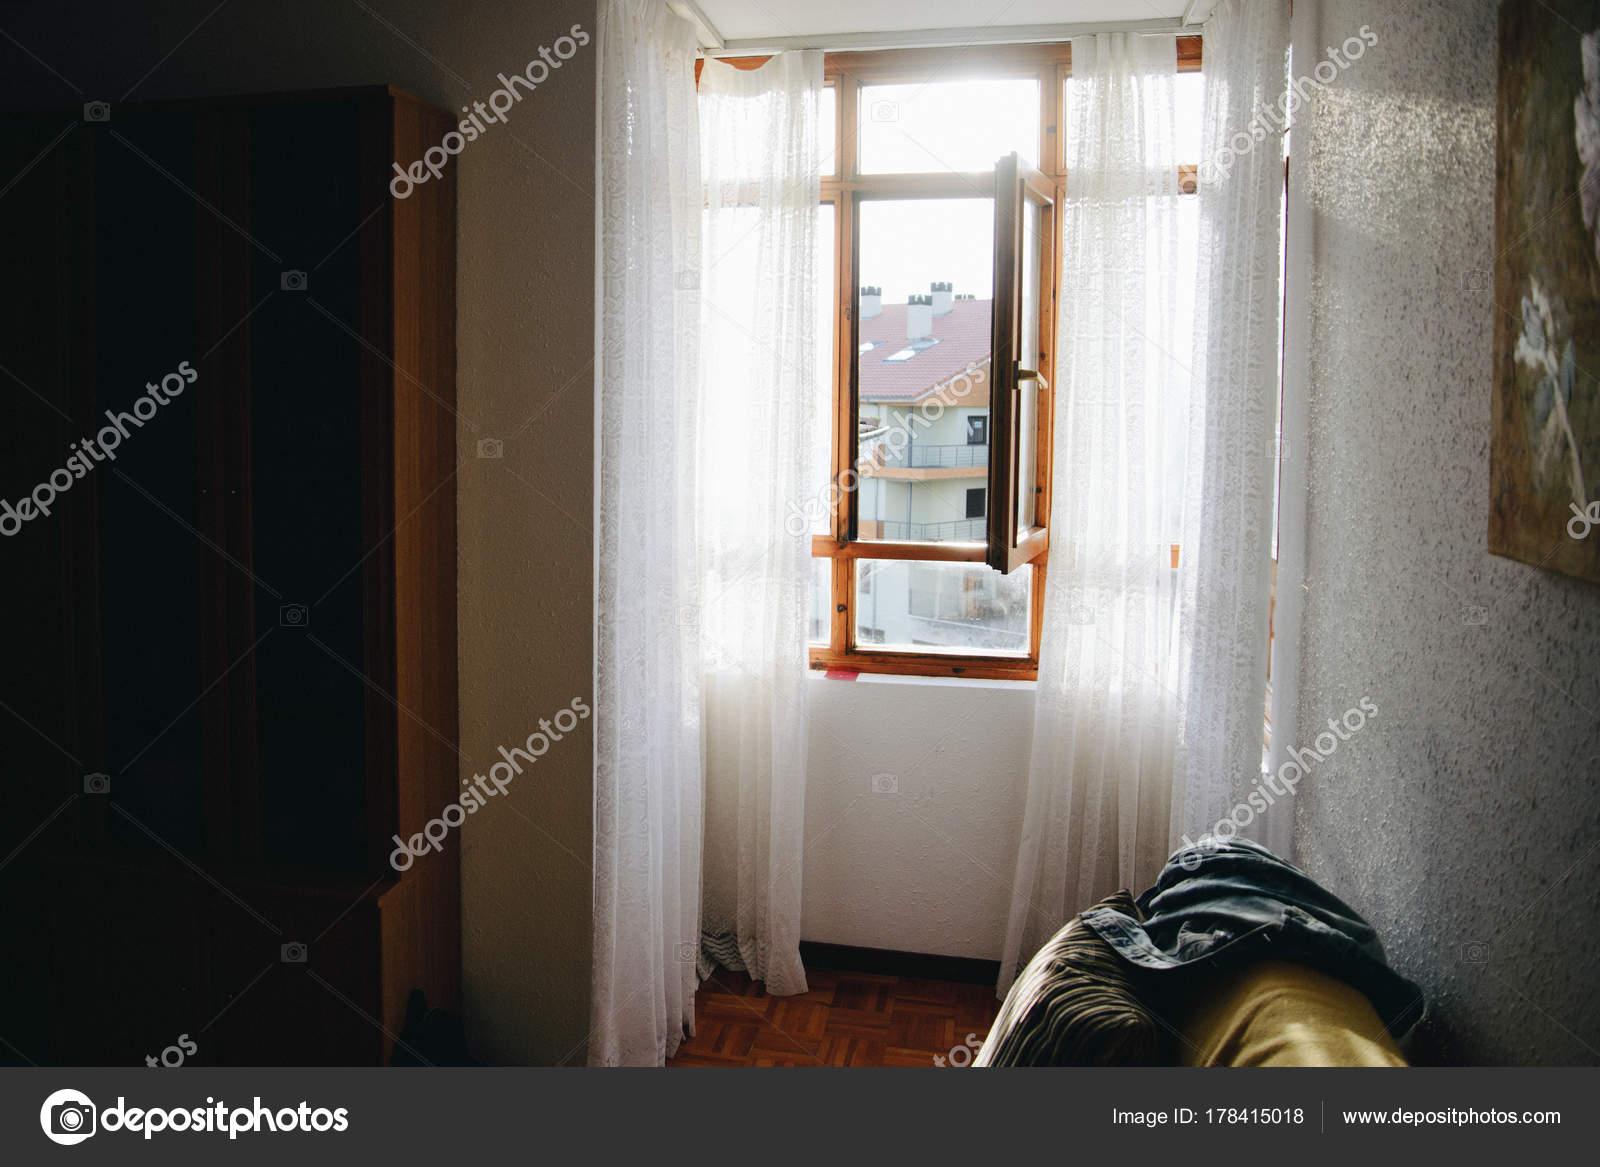 Holz Fenster mit weißen Gardinen — Stockfoto © malyuginphoto #178415018